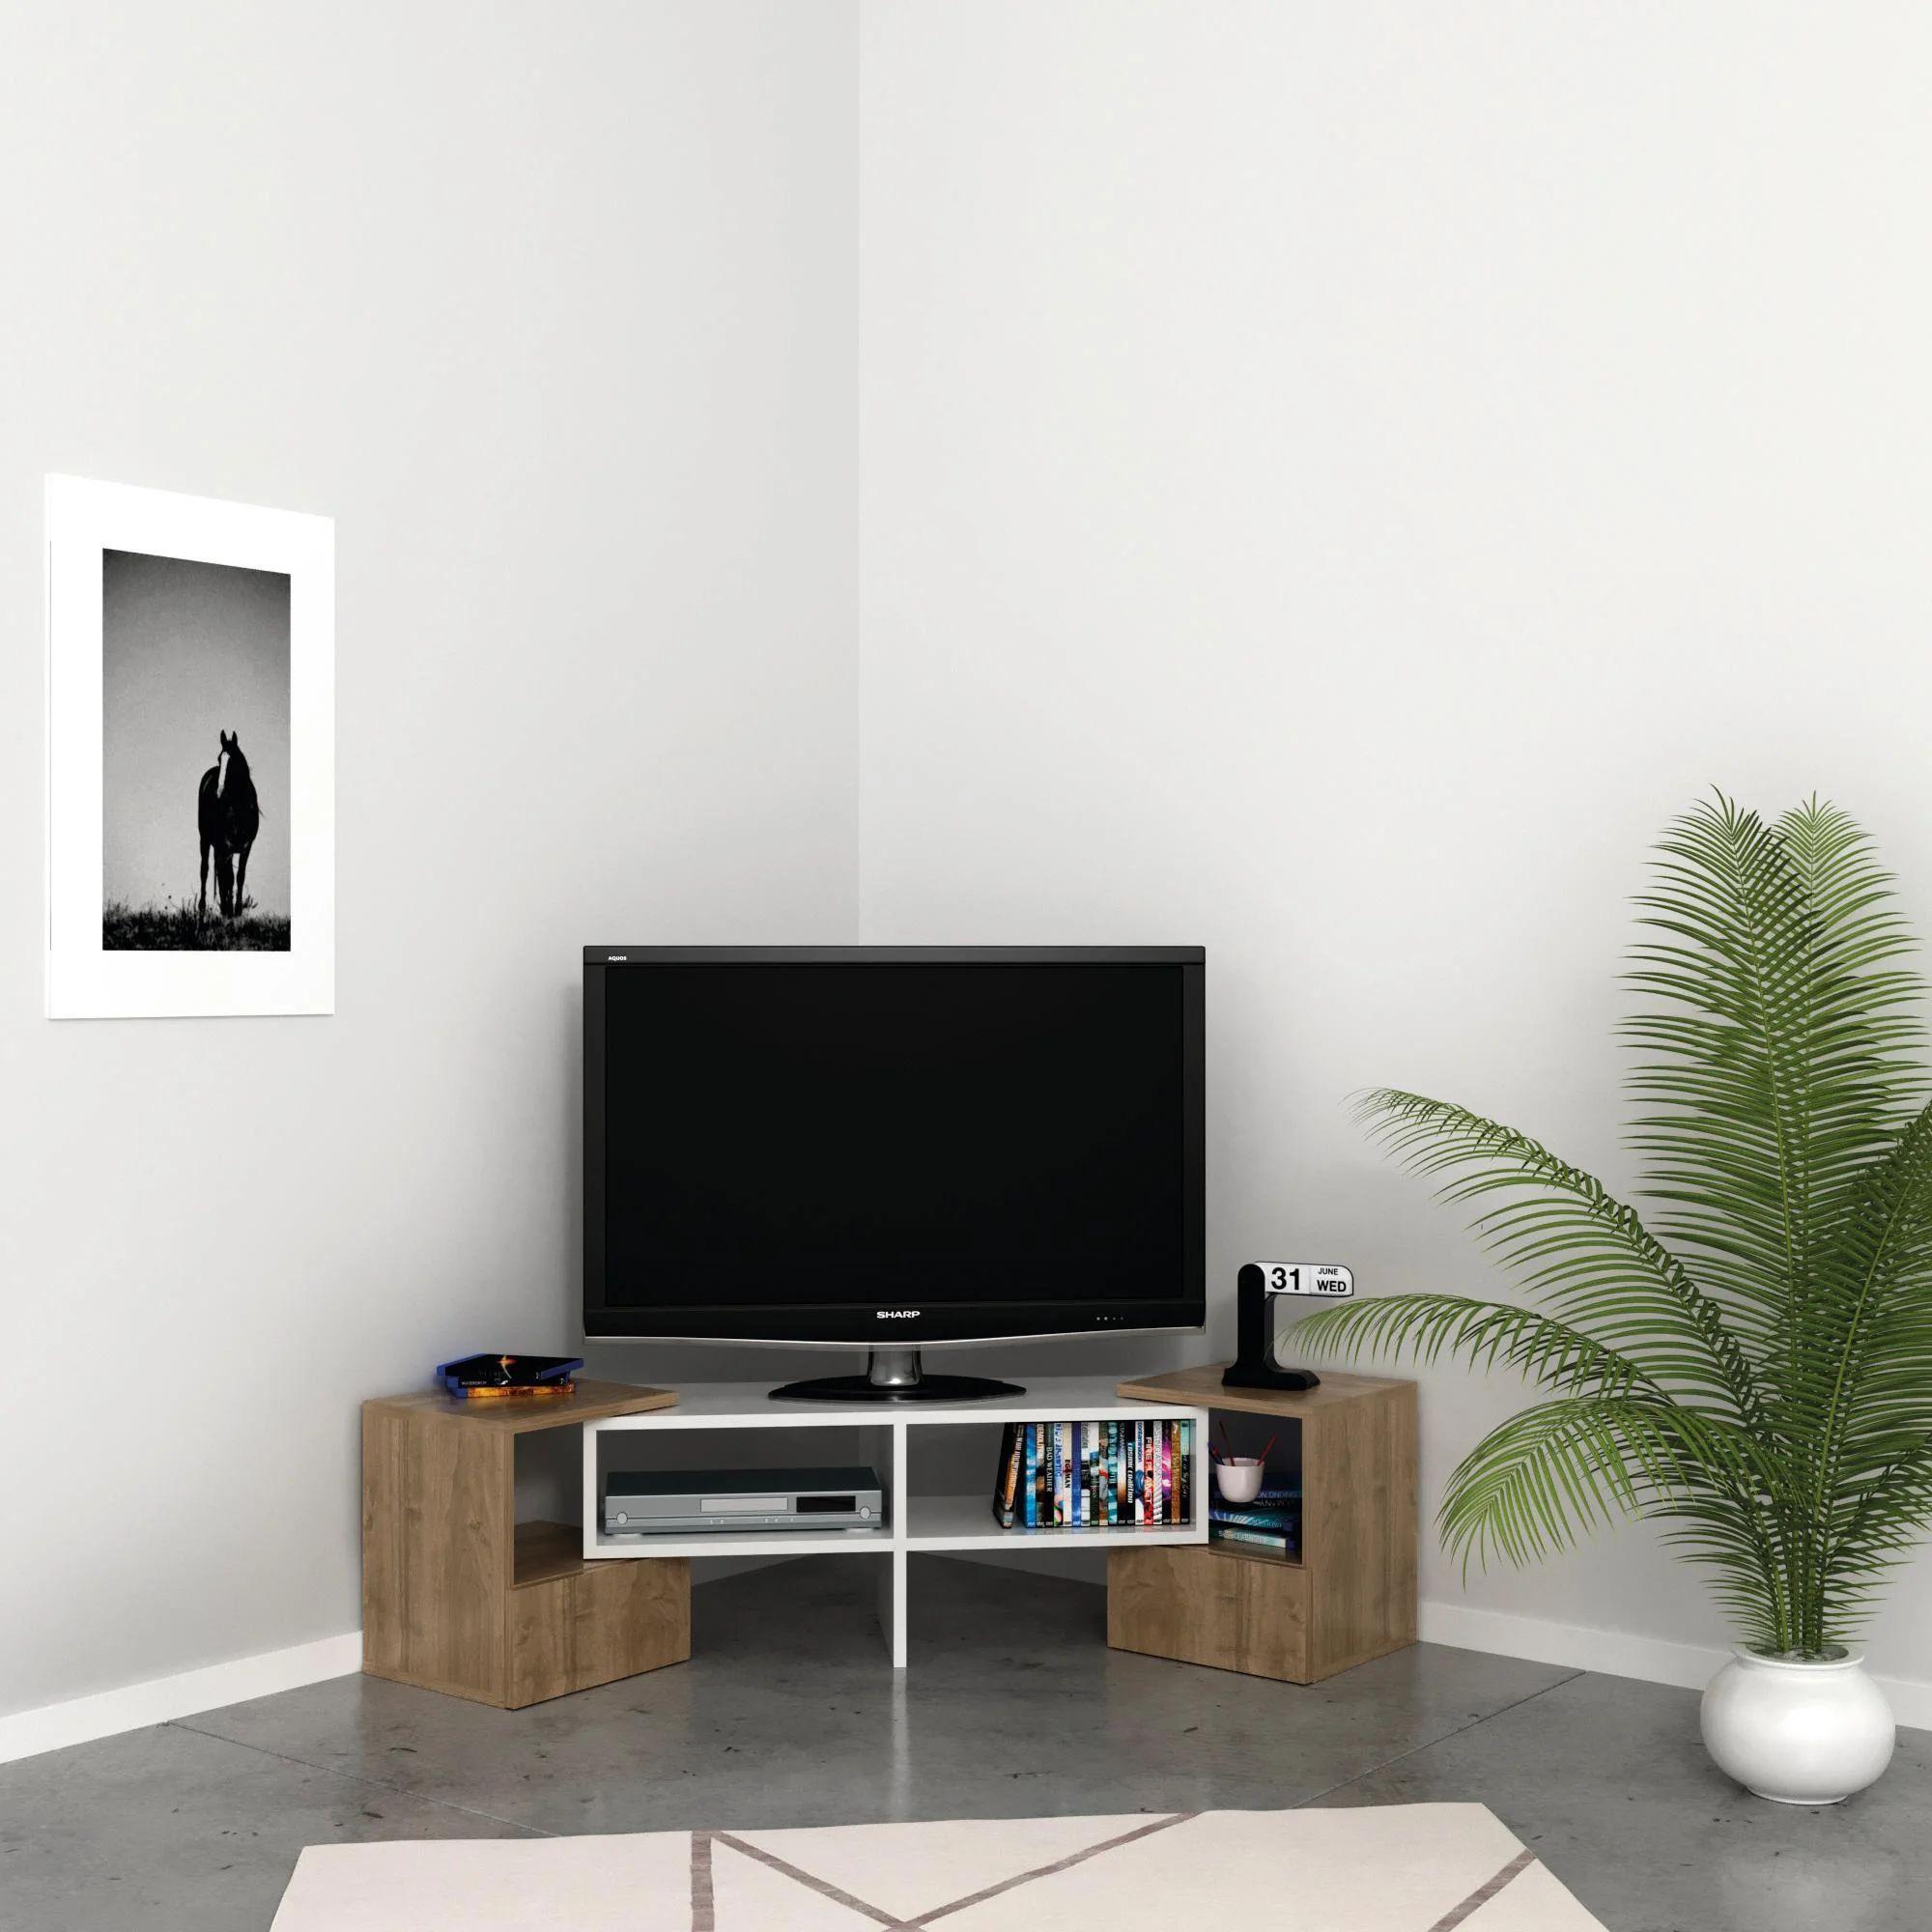 Ti servono mobili e accessori per la tua nuova cucina e hai un budget limitato? Mobile Per Tv Fold L 141 2 X H 38 8 X P 29 7 Cm Grigio Leroy Merlin